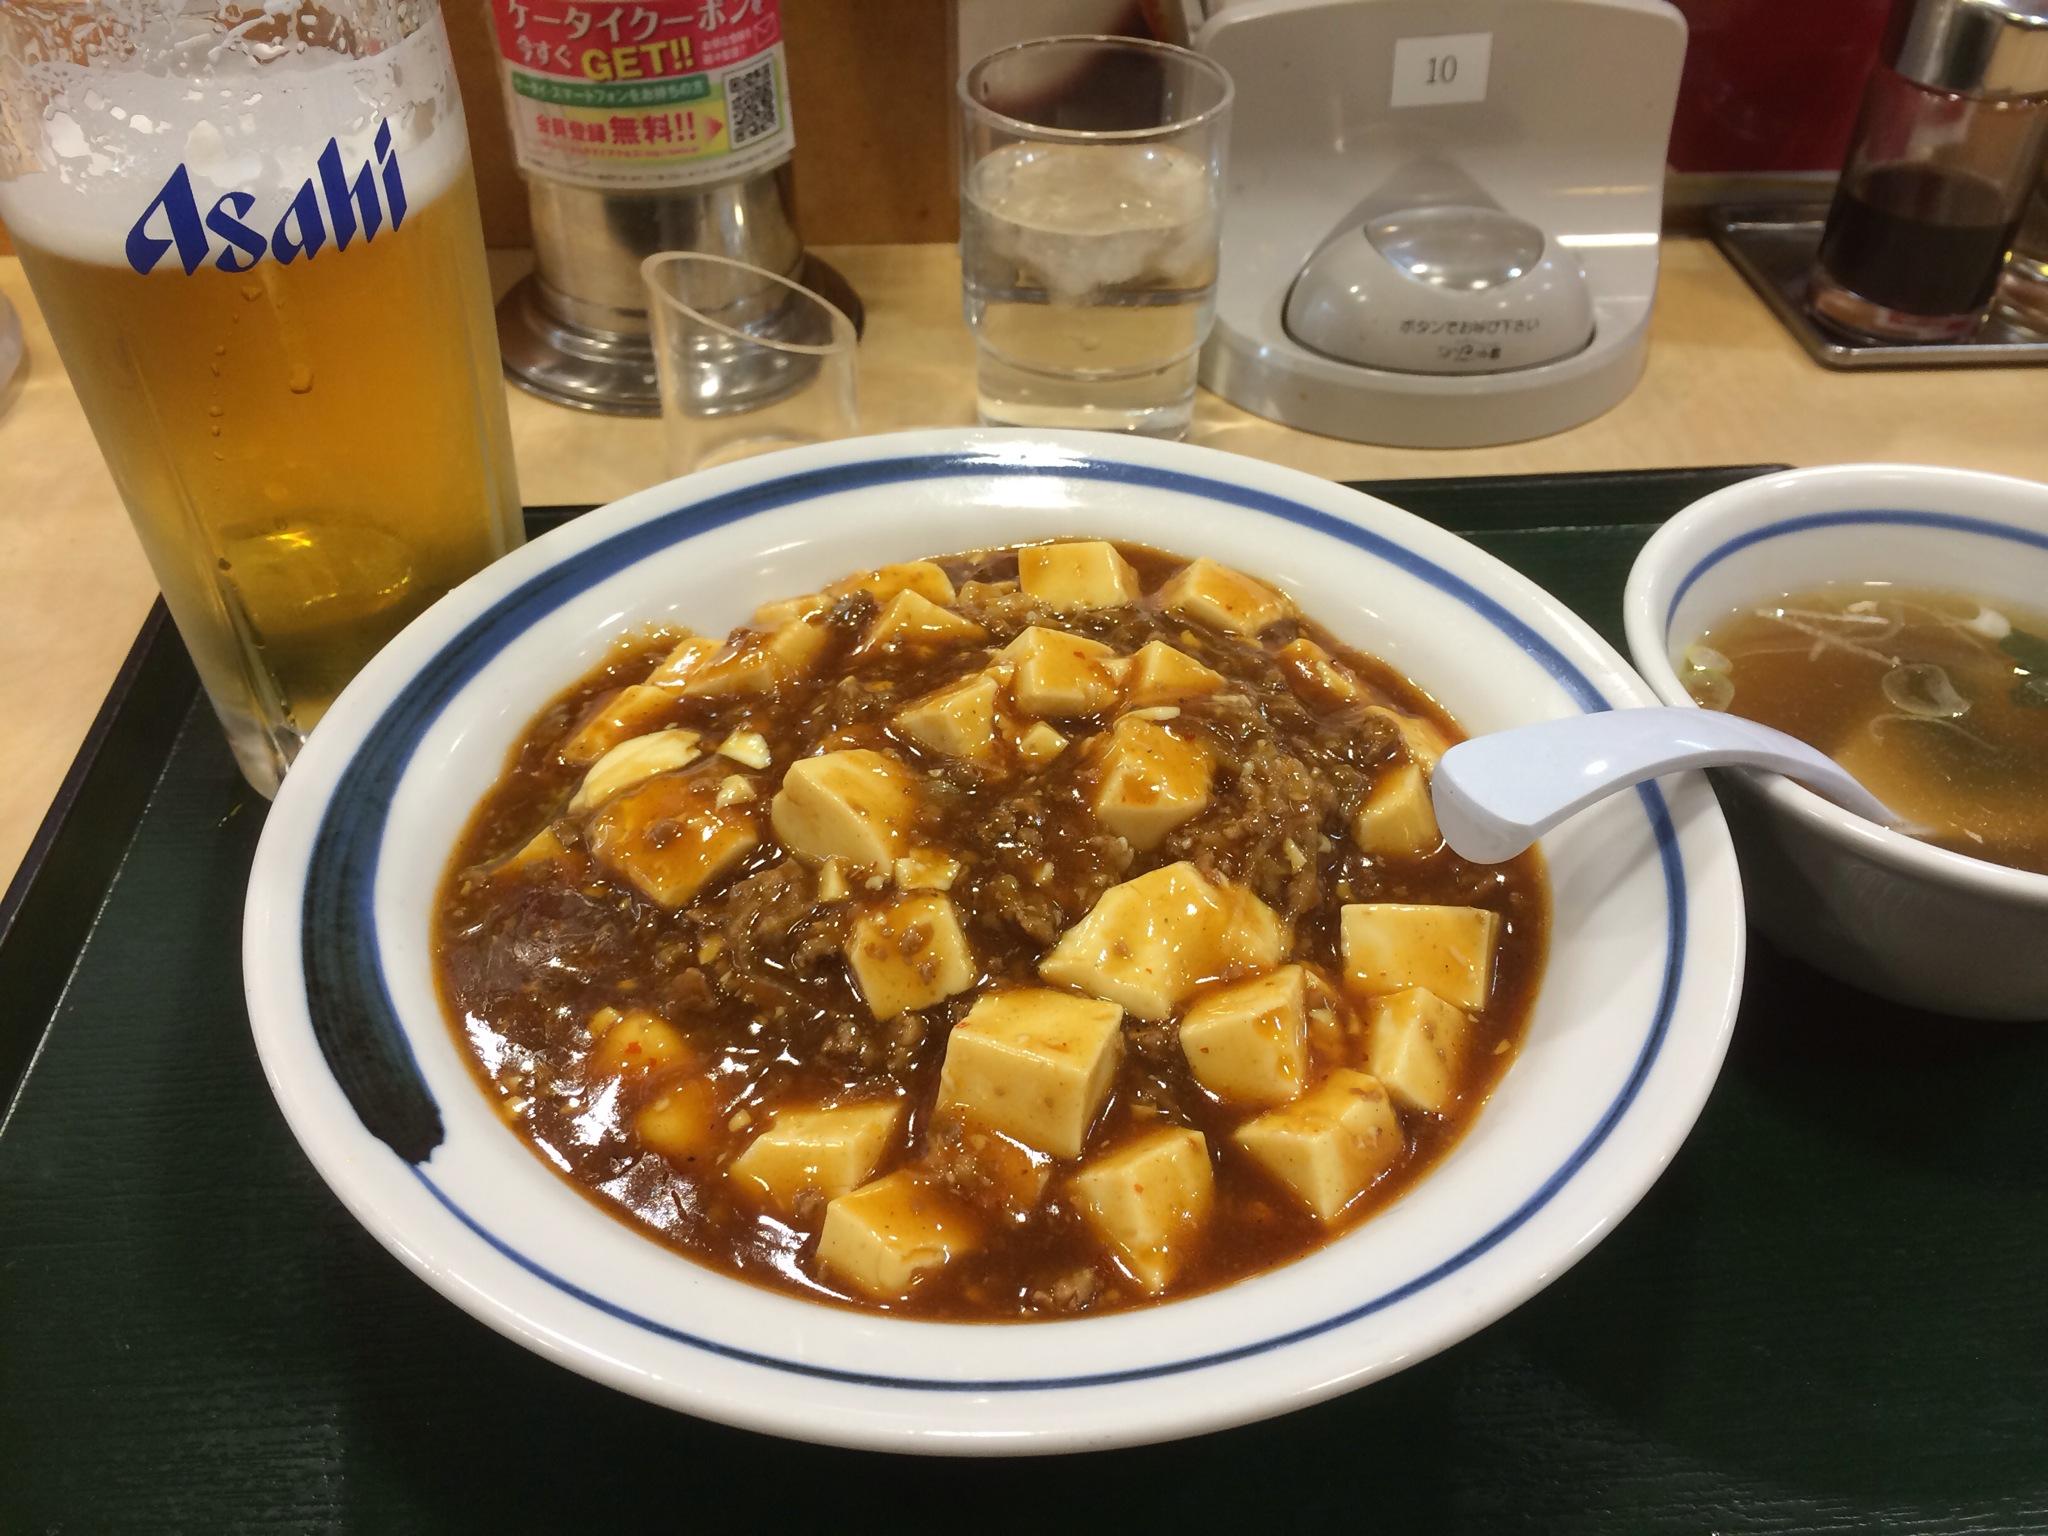 東秀の麻婆丼は好物のひとつです\(^o^)/